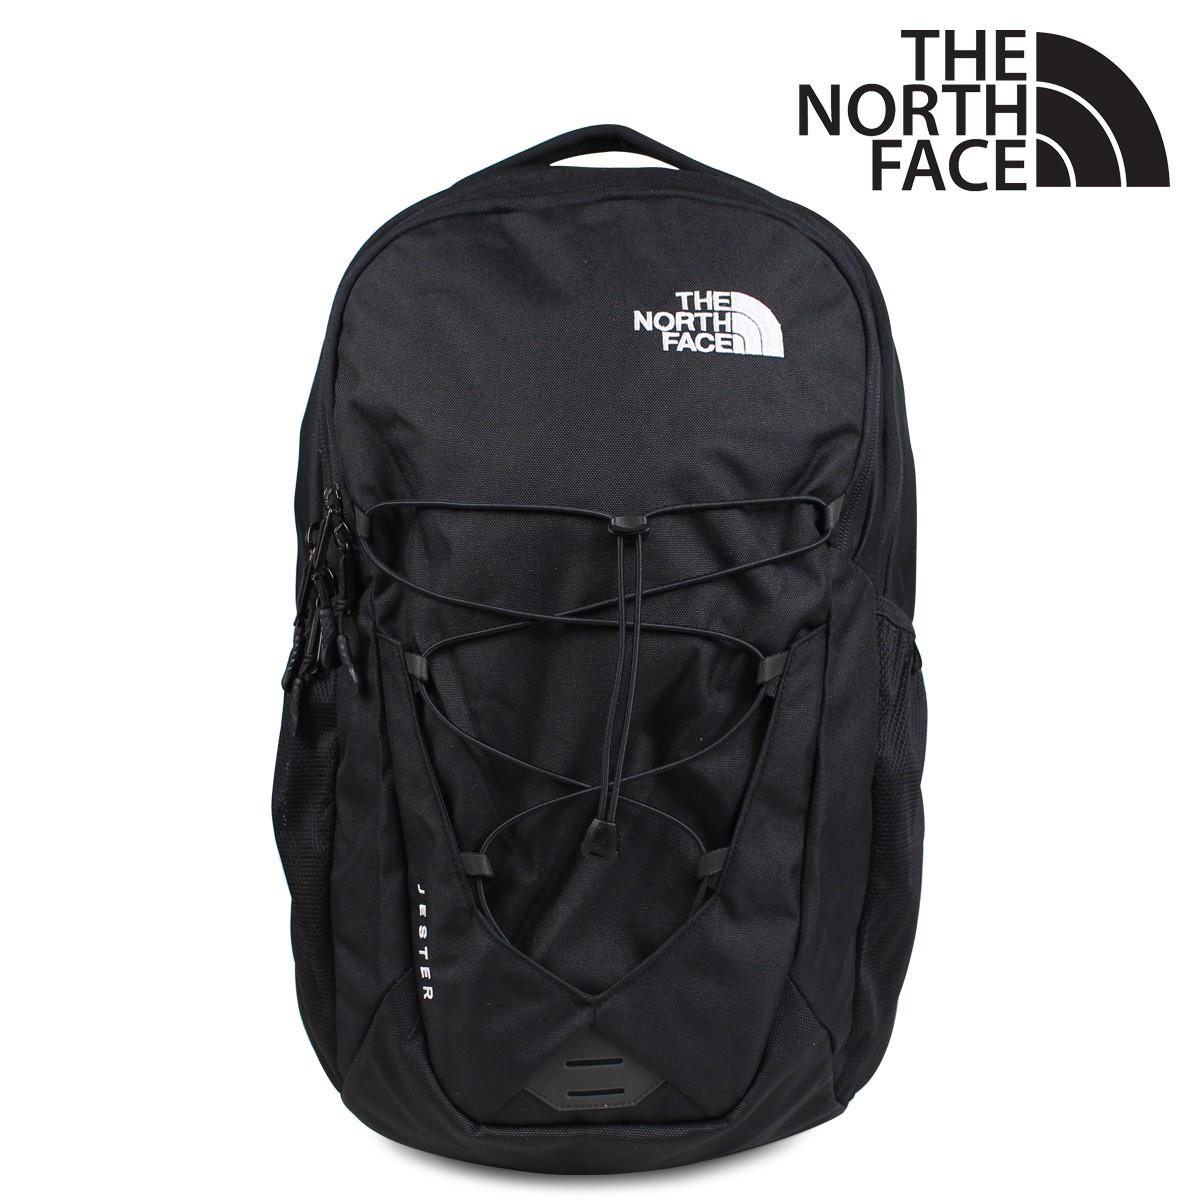 ザノースフェイス THE NORTH FACE リュック メンズ バックパック JESTER T93KV7JK3 ブラック [9/19 新入荷]